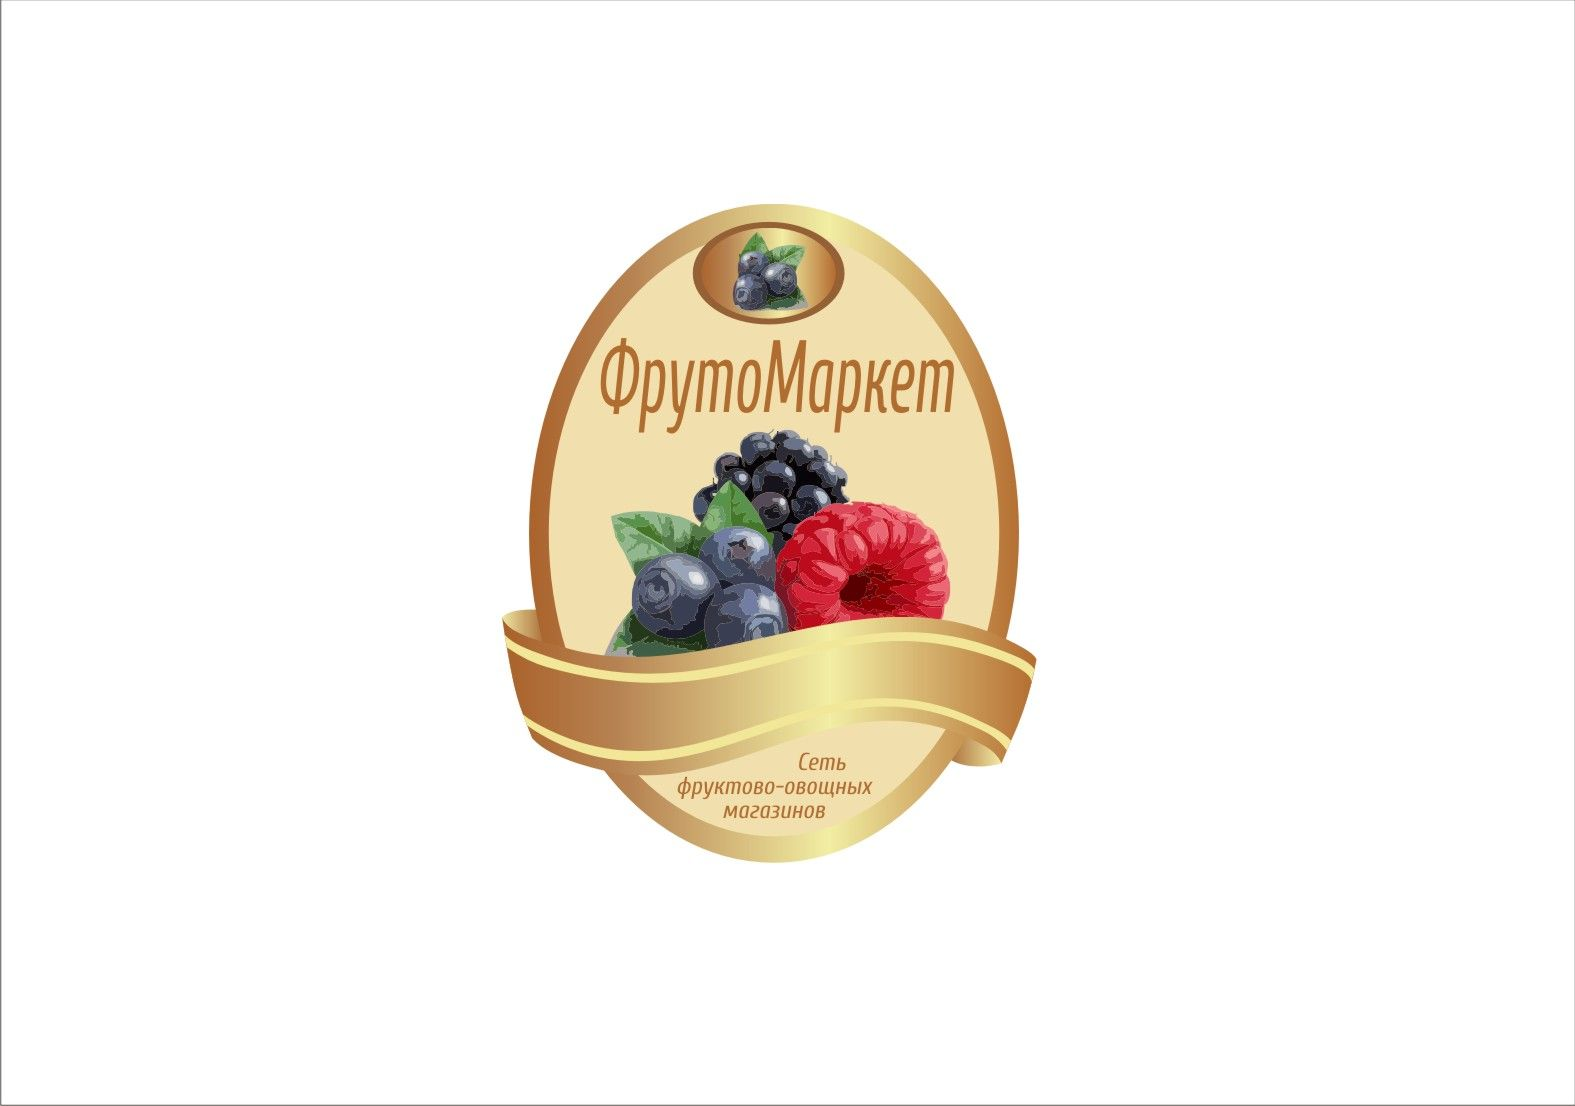 Логотип-вывеска фруктово-овощных магазинов премиум - дизайнер Evgenia_021